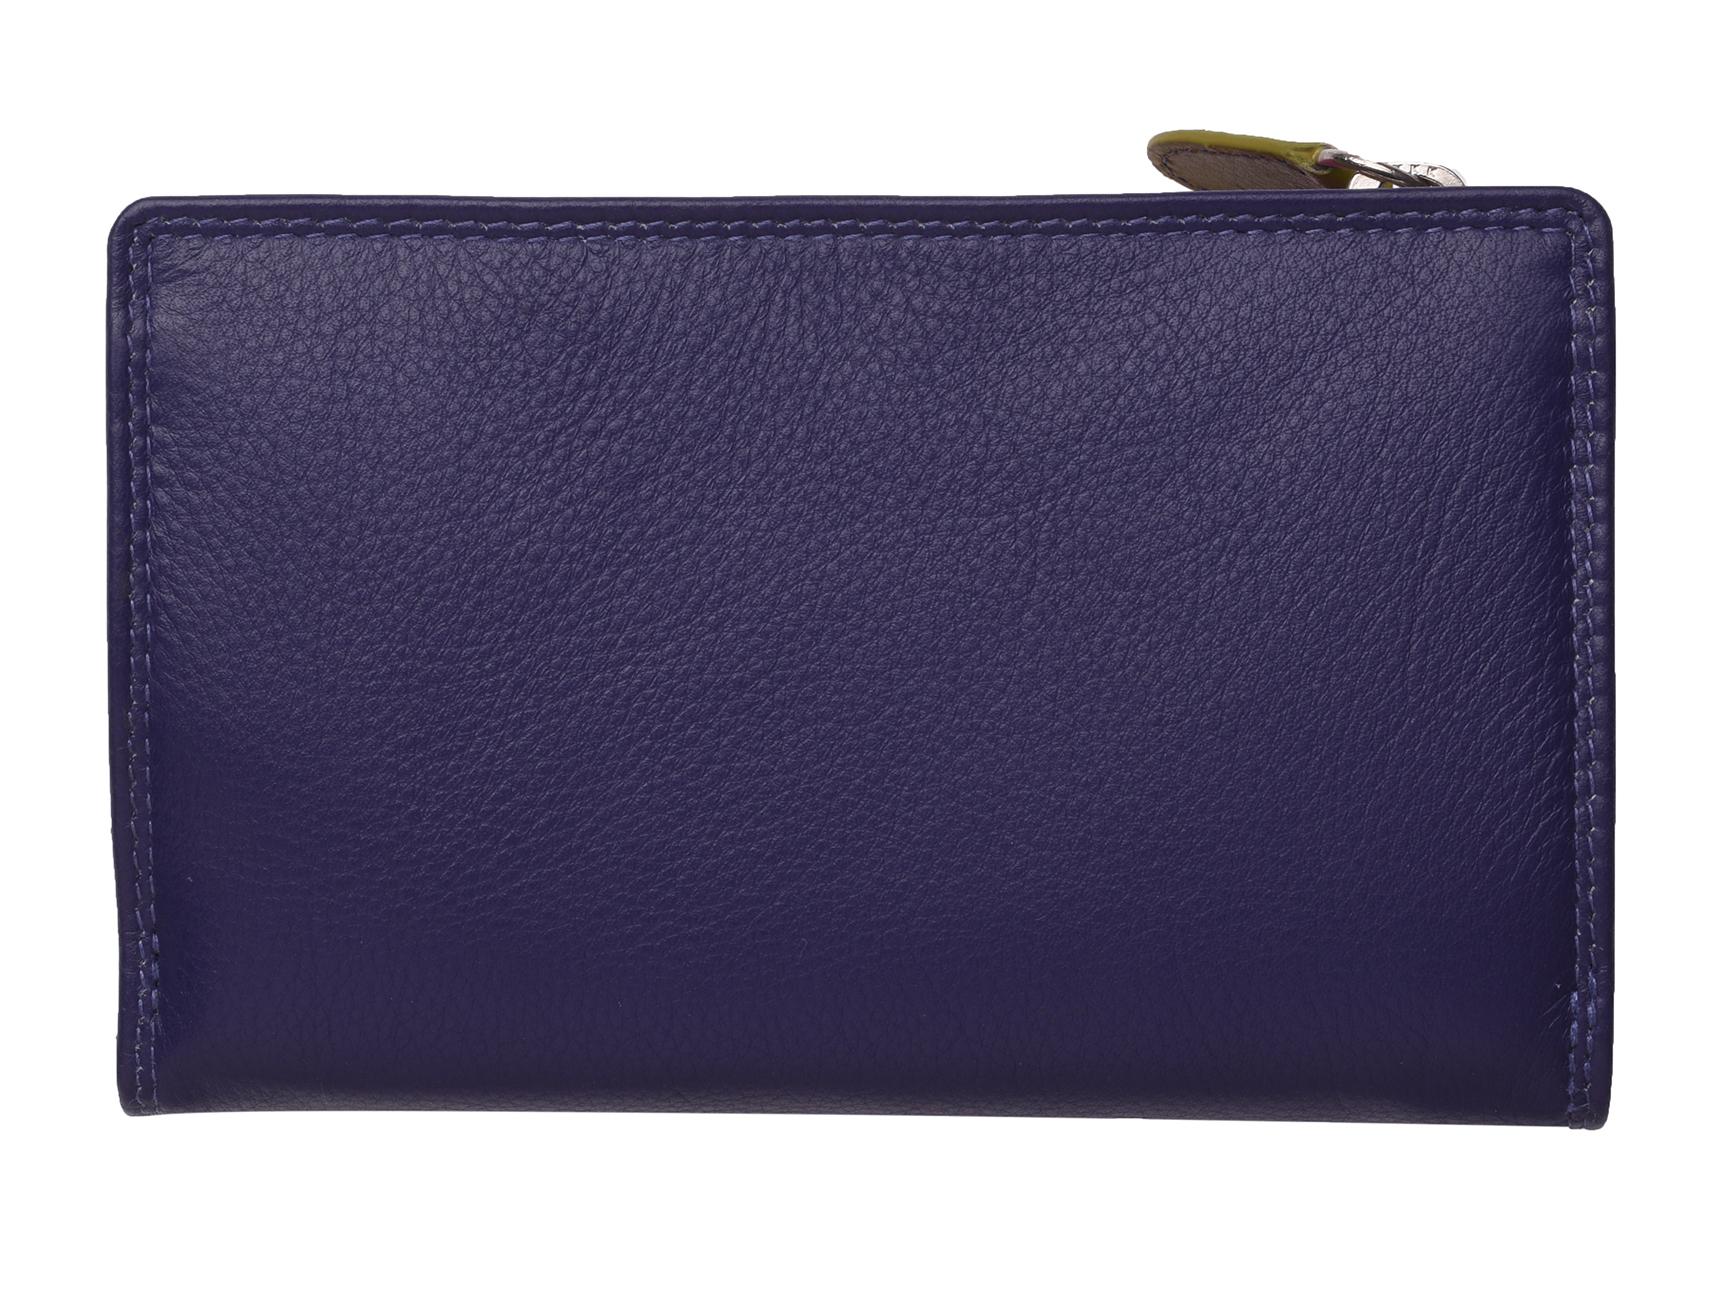 Mesdames-RFID-Bloquant-Super-Doux-Cuir-Veritable-Sac-a-Main-Portefeuille-Noir-Rose-Violet miniature 22